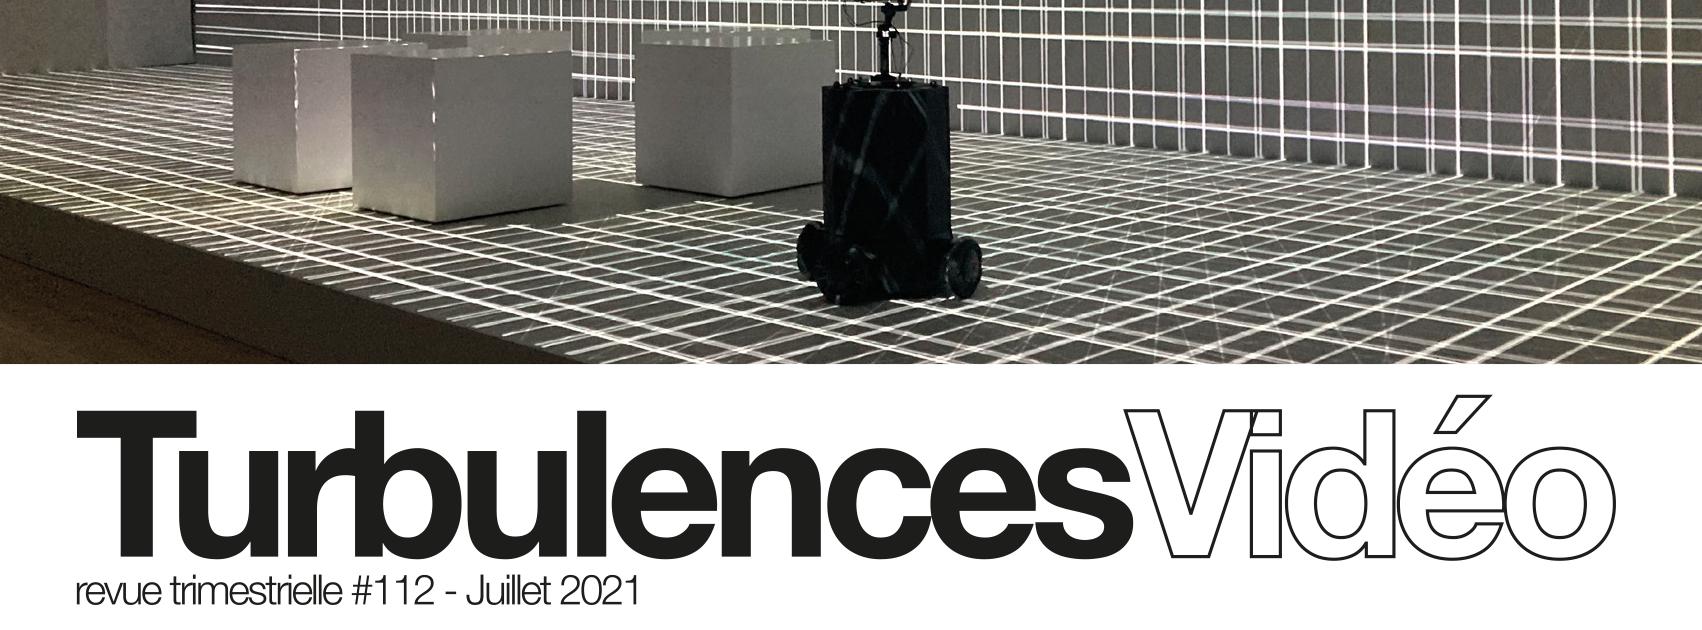 Turbulences vidéo #112